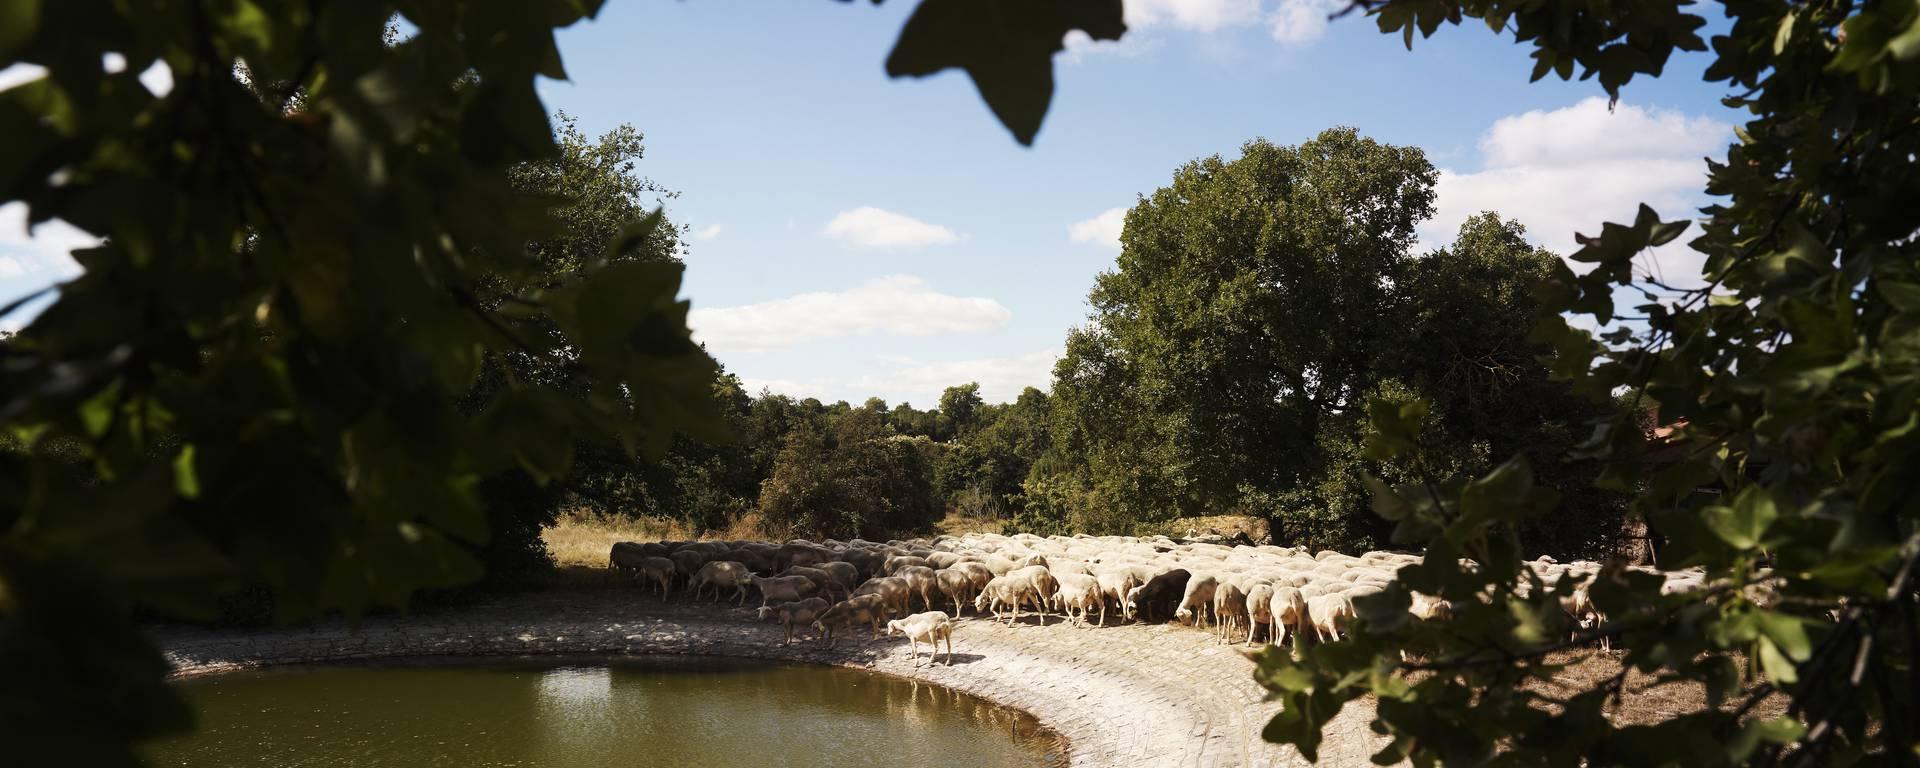 Journée groupe sur l'agropastoralisme et le Causse du Larzac